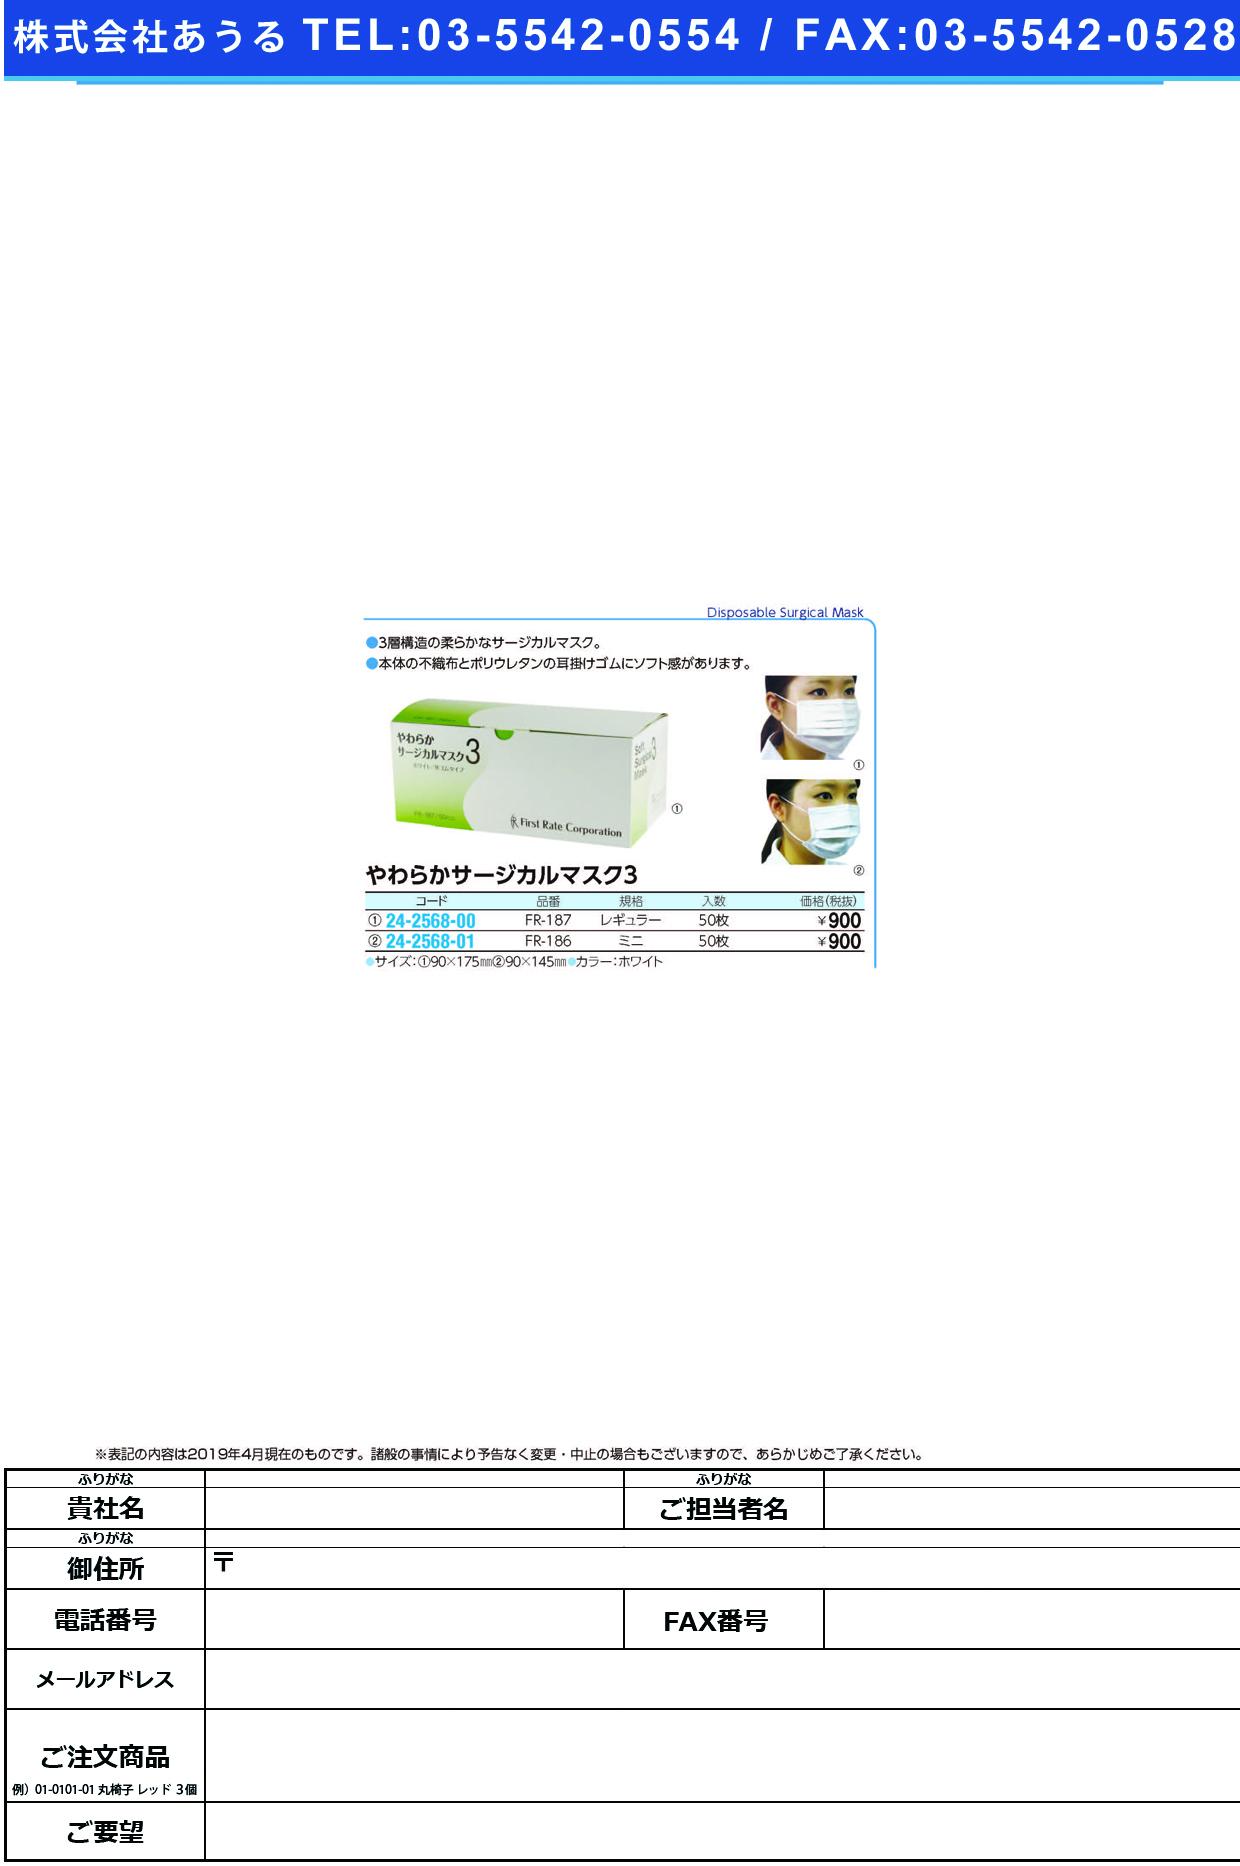 (24-2568-00)やわらかサージカルマスク3 FR-187(ホワイト)50マイイリ ヤワラカサージカルマスク3(ファーストレイト)【1箱単位】【2019年カタログ商品】